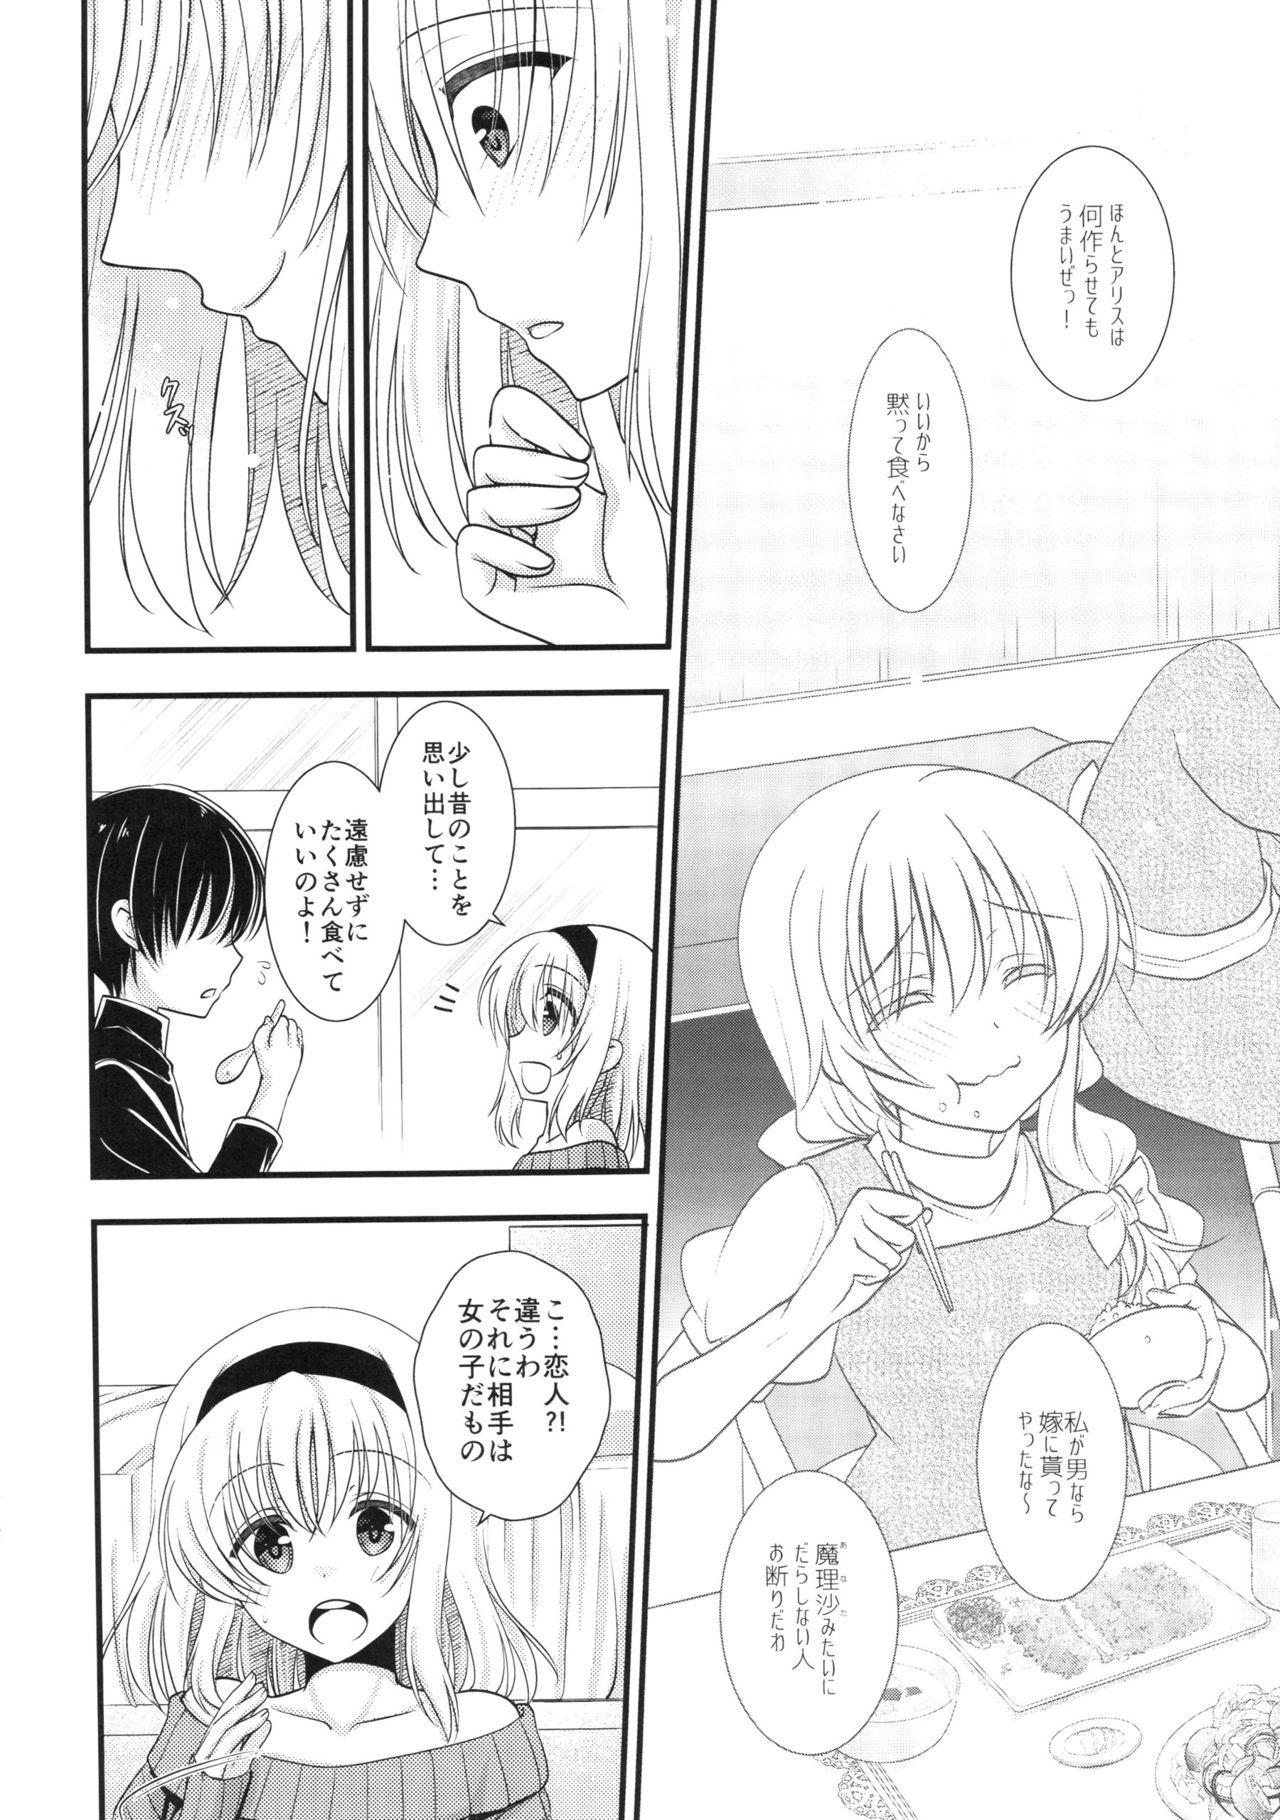 Tonari no Alice-san Fuyu 5